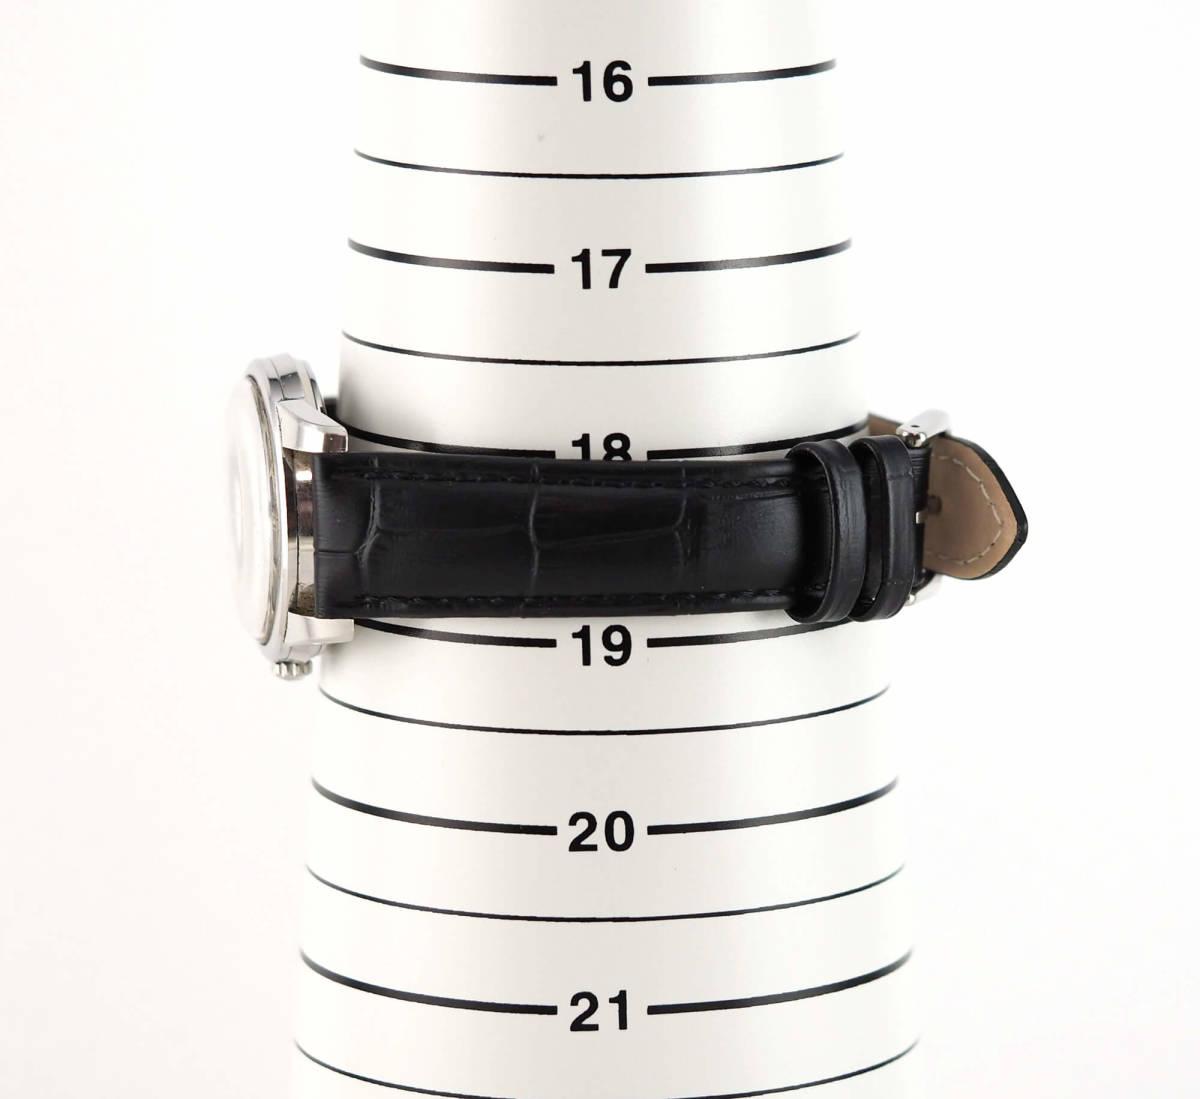 オメガ シーマスター Cal.562 自動巻き ブラック メンズ腕時計 OMEGA Seamaster AUTOMATIC 黒文字盤 オートマチック 動作確認済み_画像9